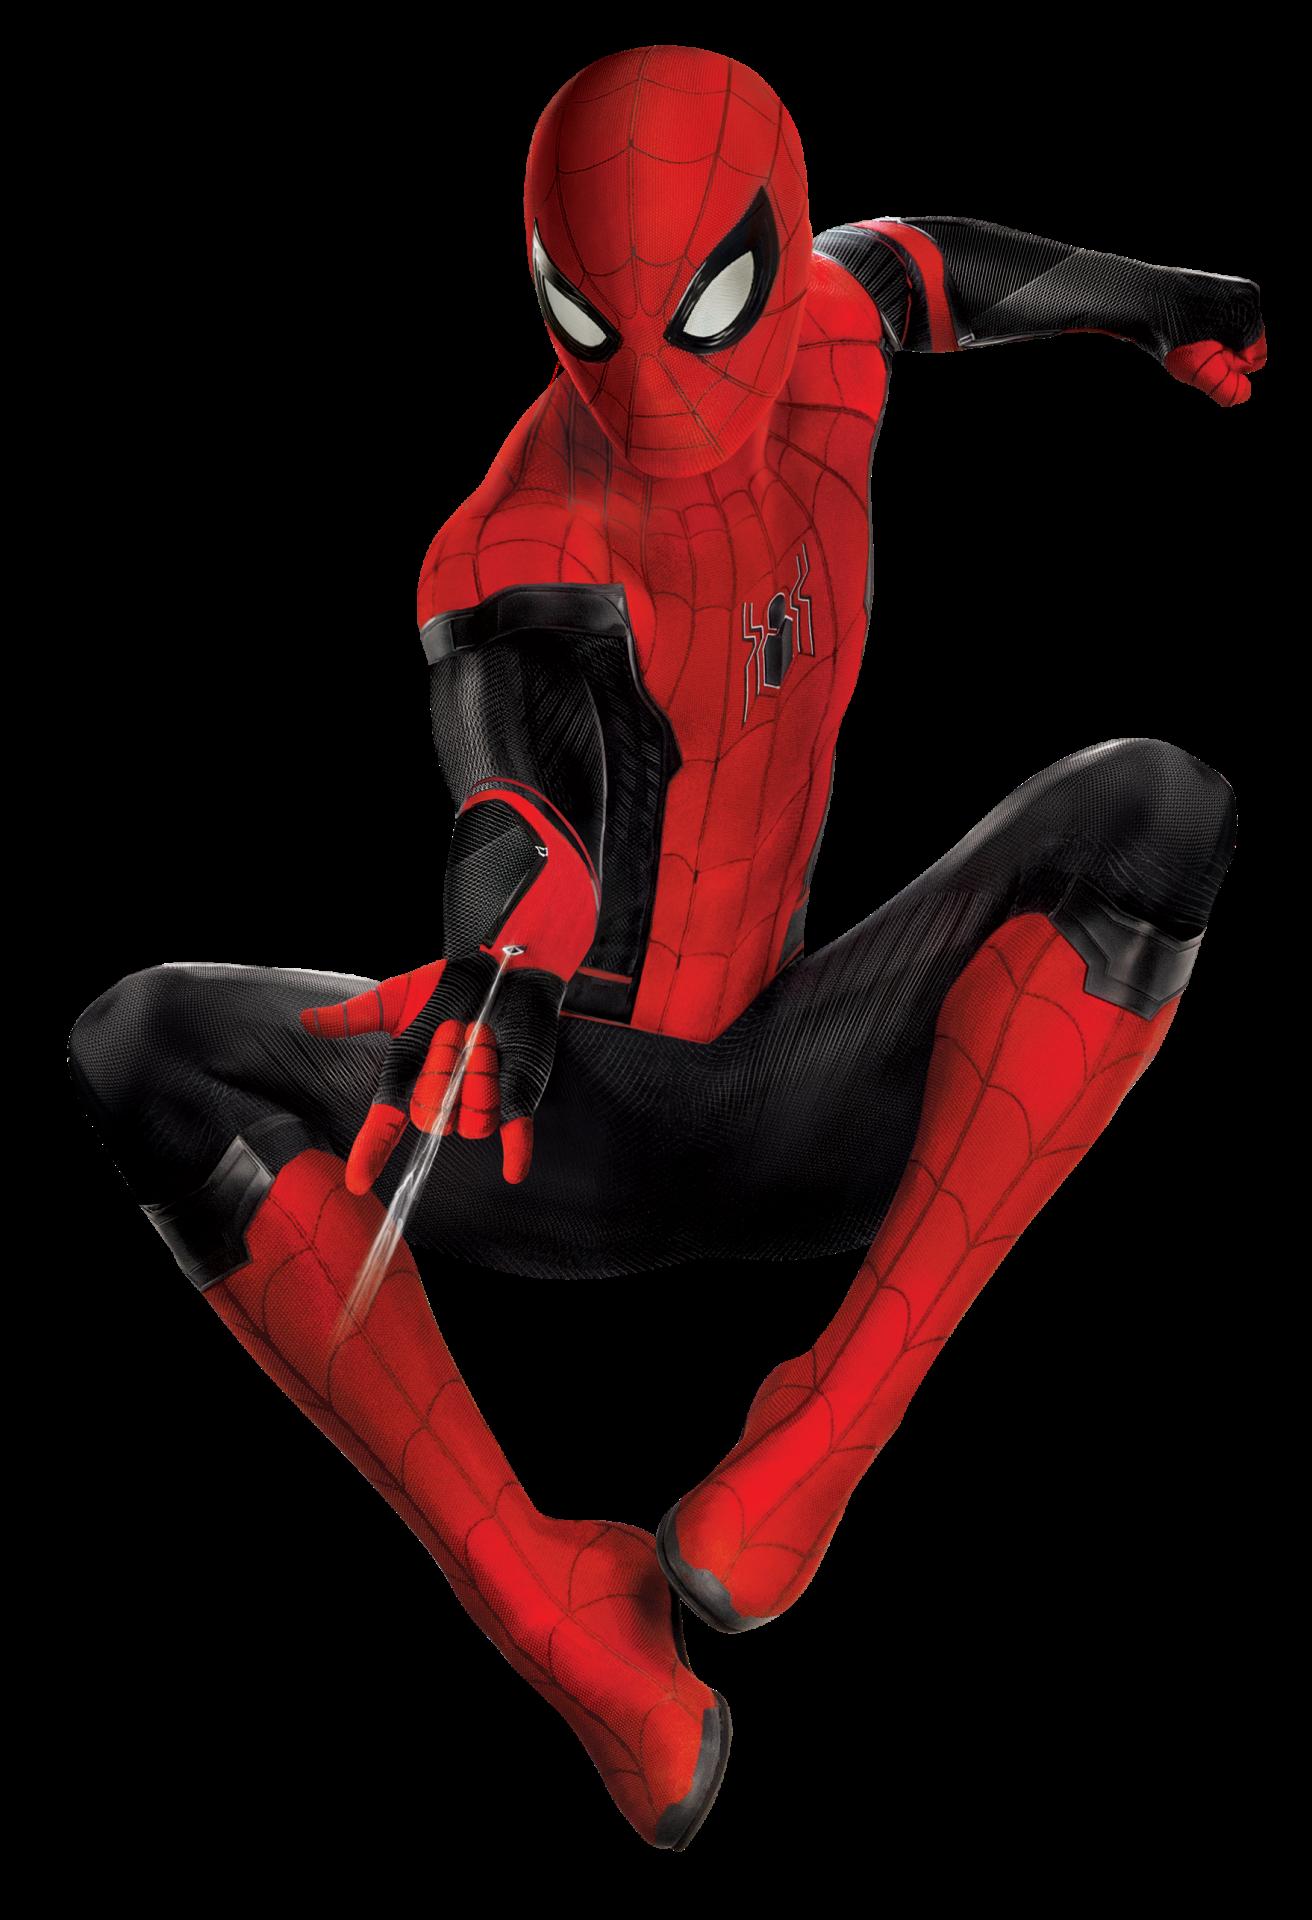 Spider man ffh render